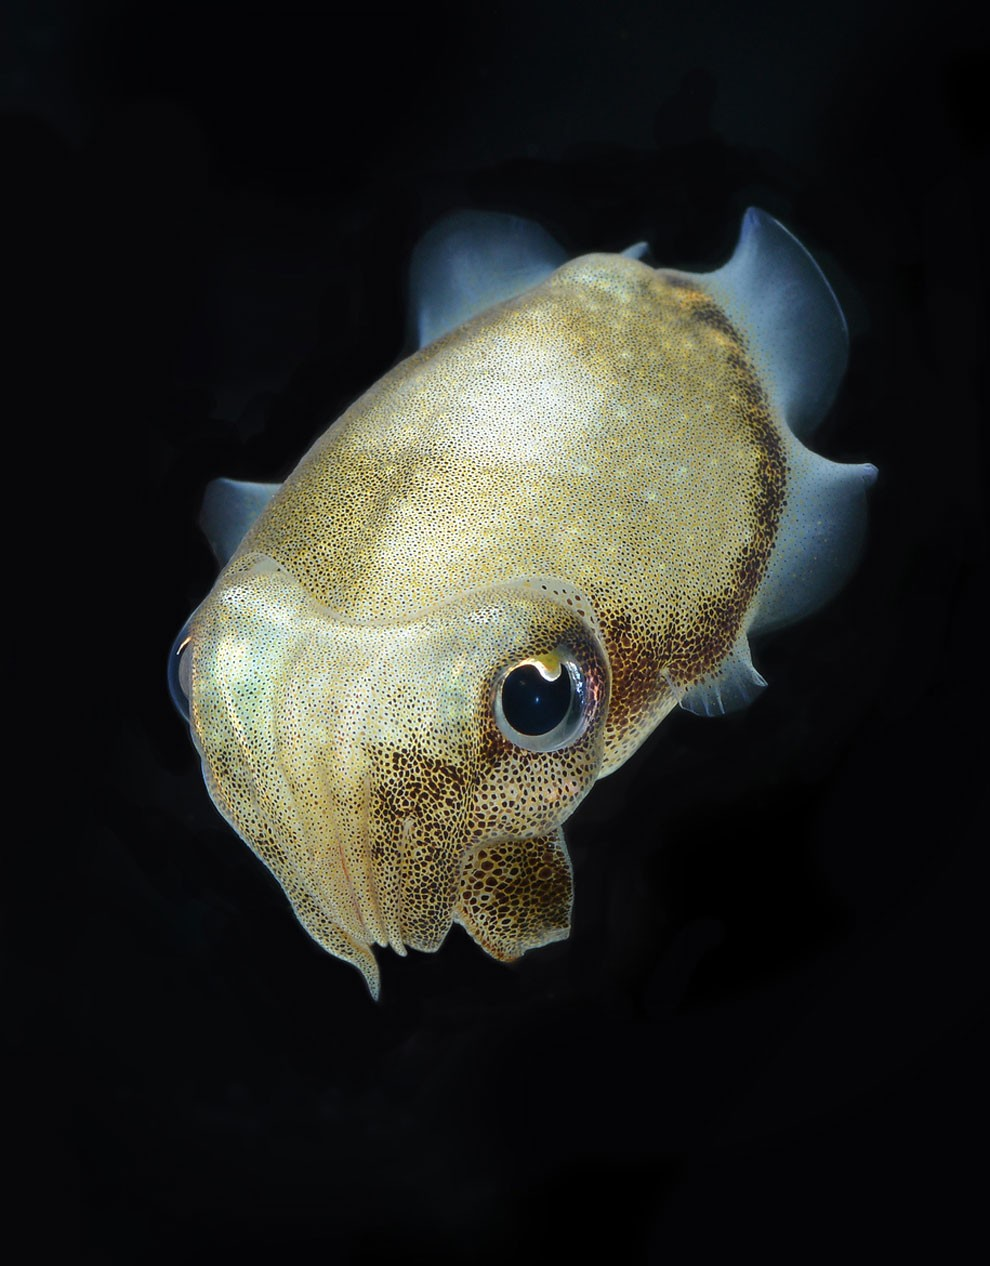 бойцовый петушок, сиамская рыбка. Фото № 13